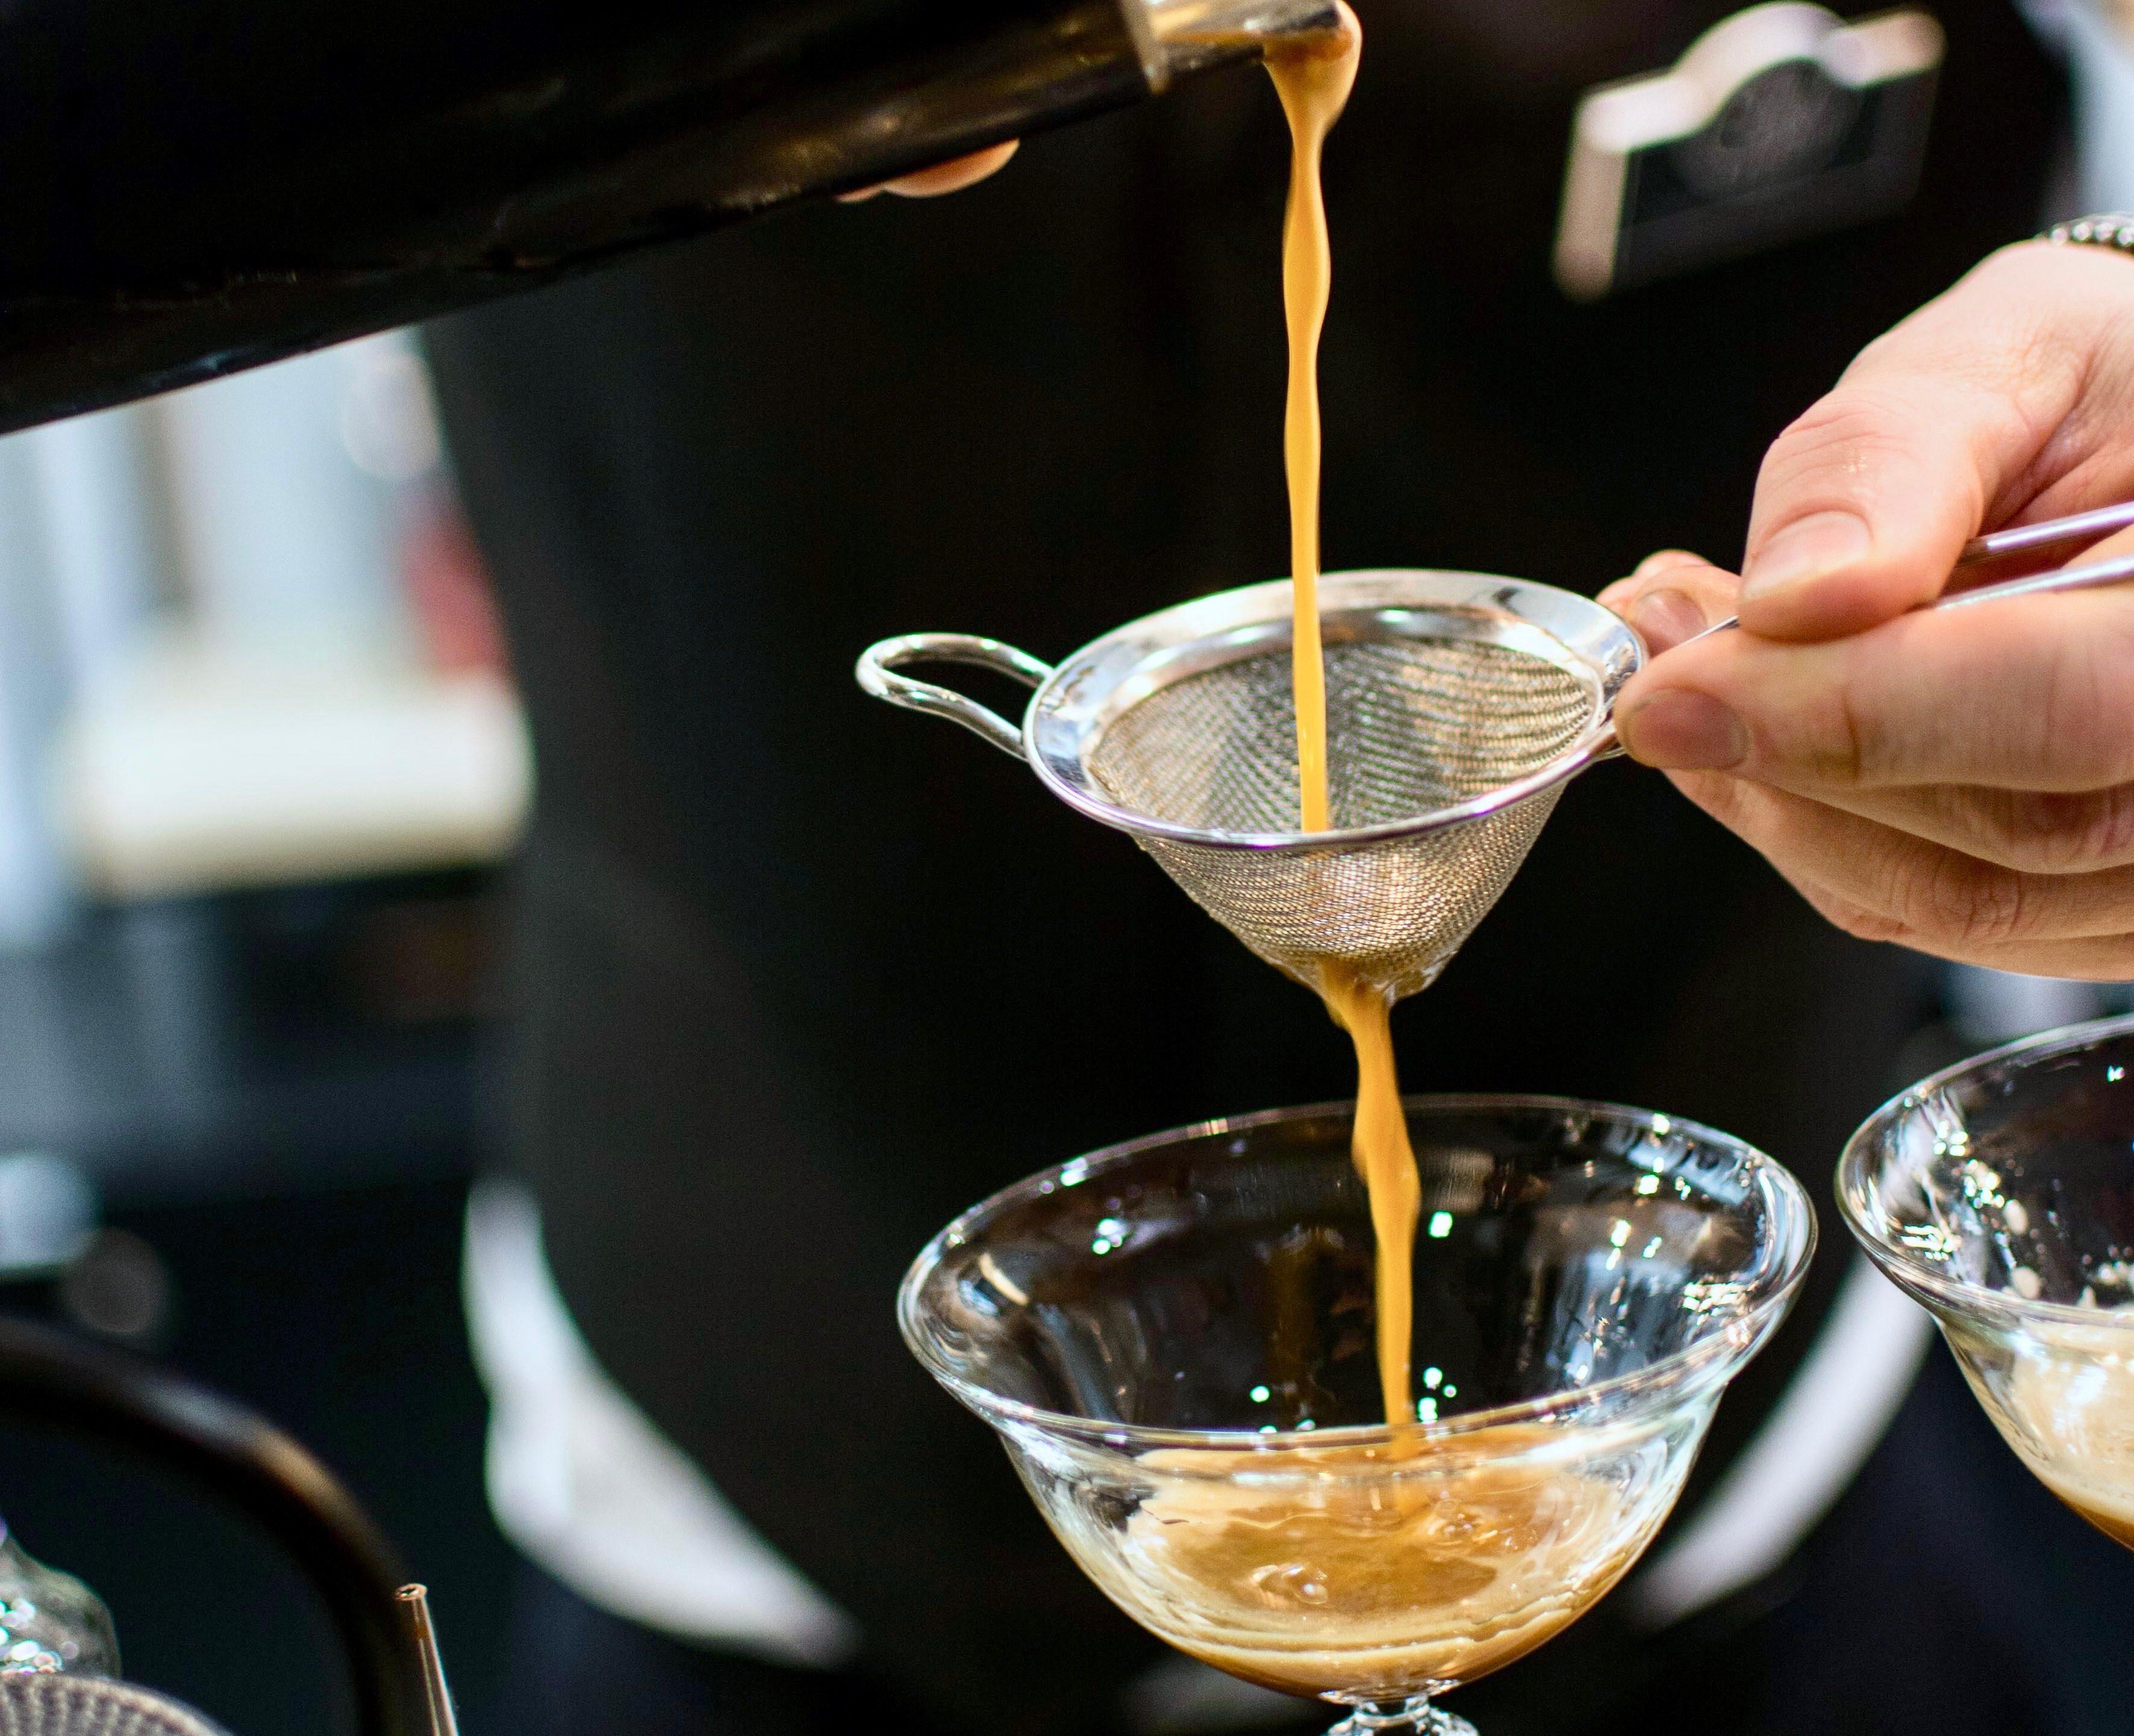 Recept van een Espresso Martini